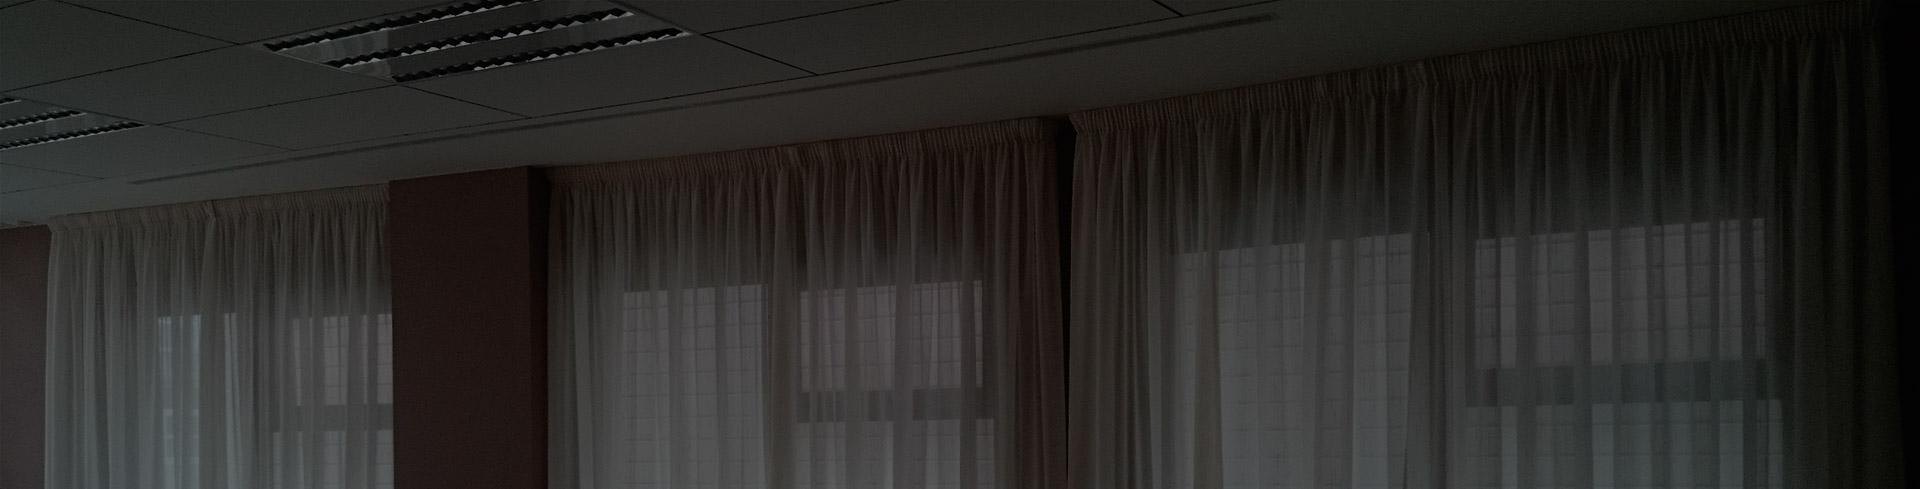 Cortinas Logroño cortinas logroño